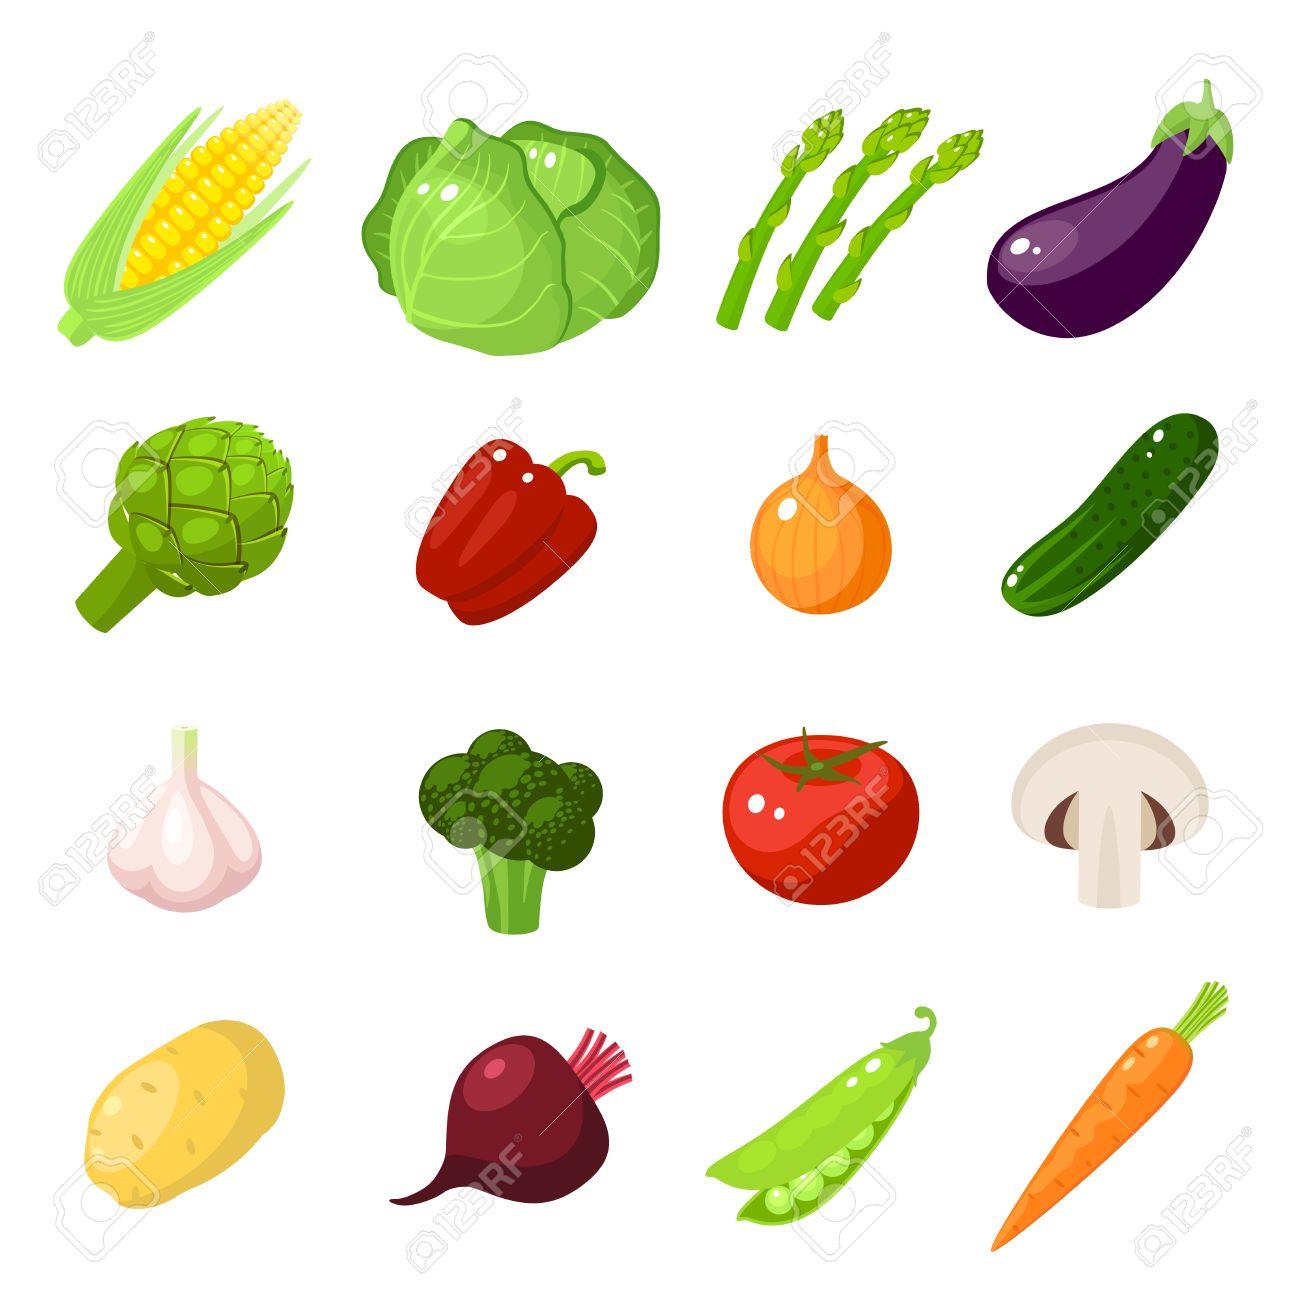 Conjunto De Alimentos De Dibujos Animados Verduras Maíz Repollo Espárragos Berenjena Zanahoria Pimiento Cebolla Pepino Ajo Brócoli